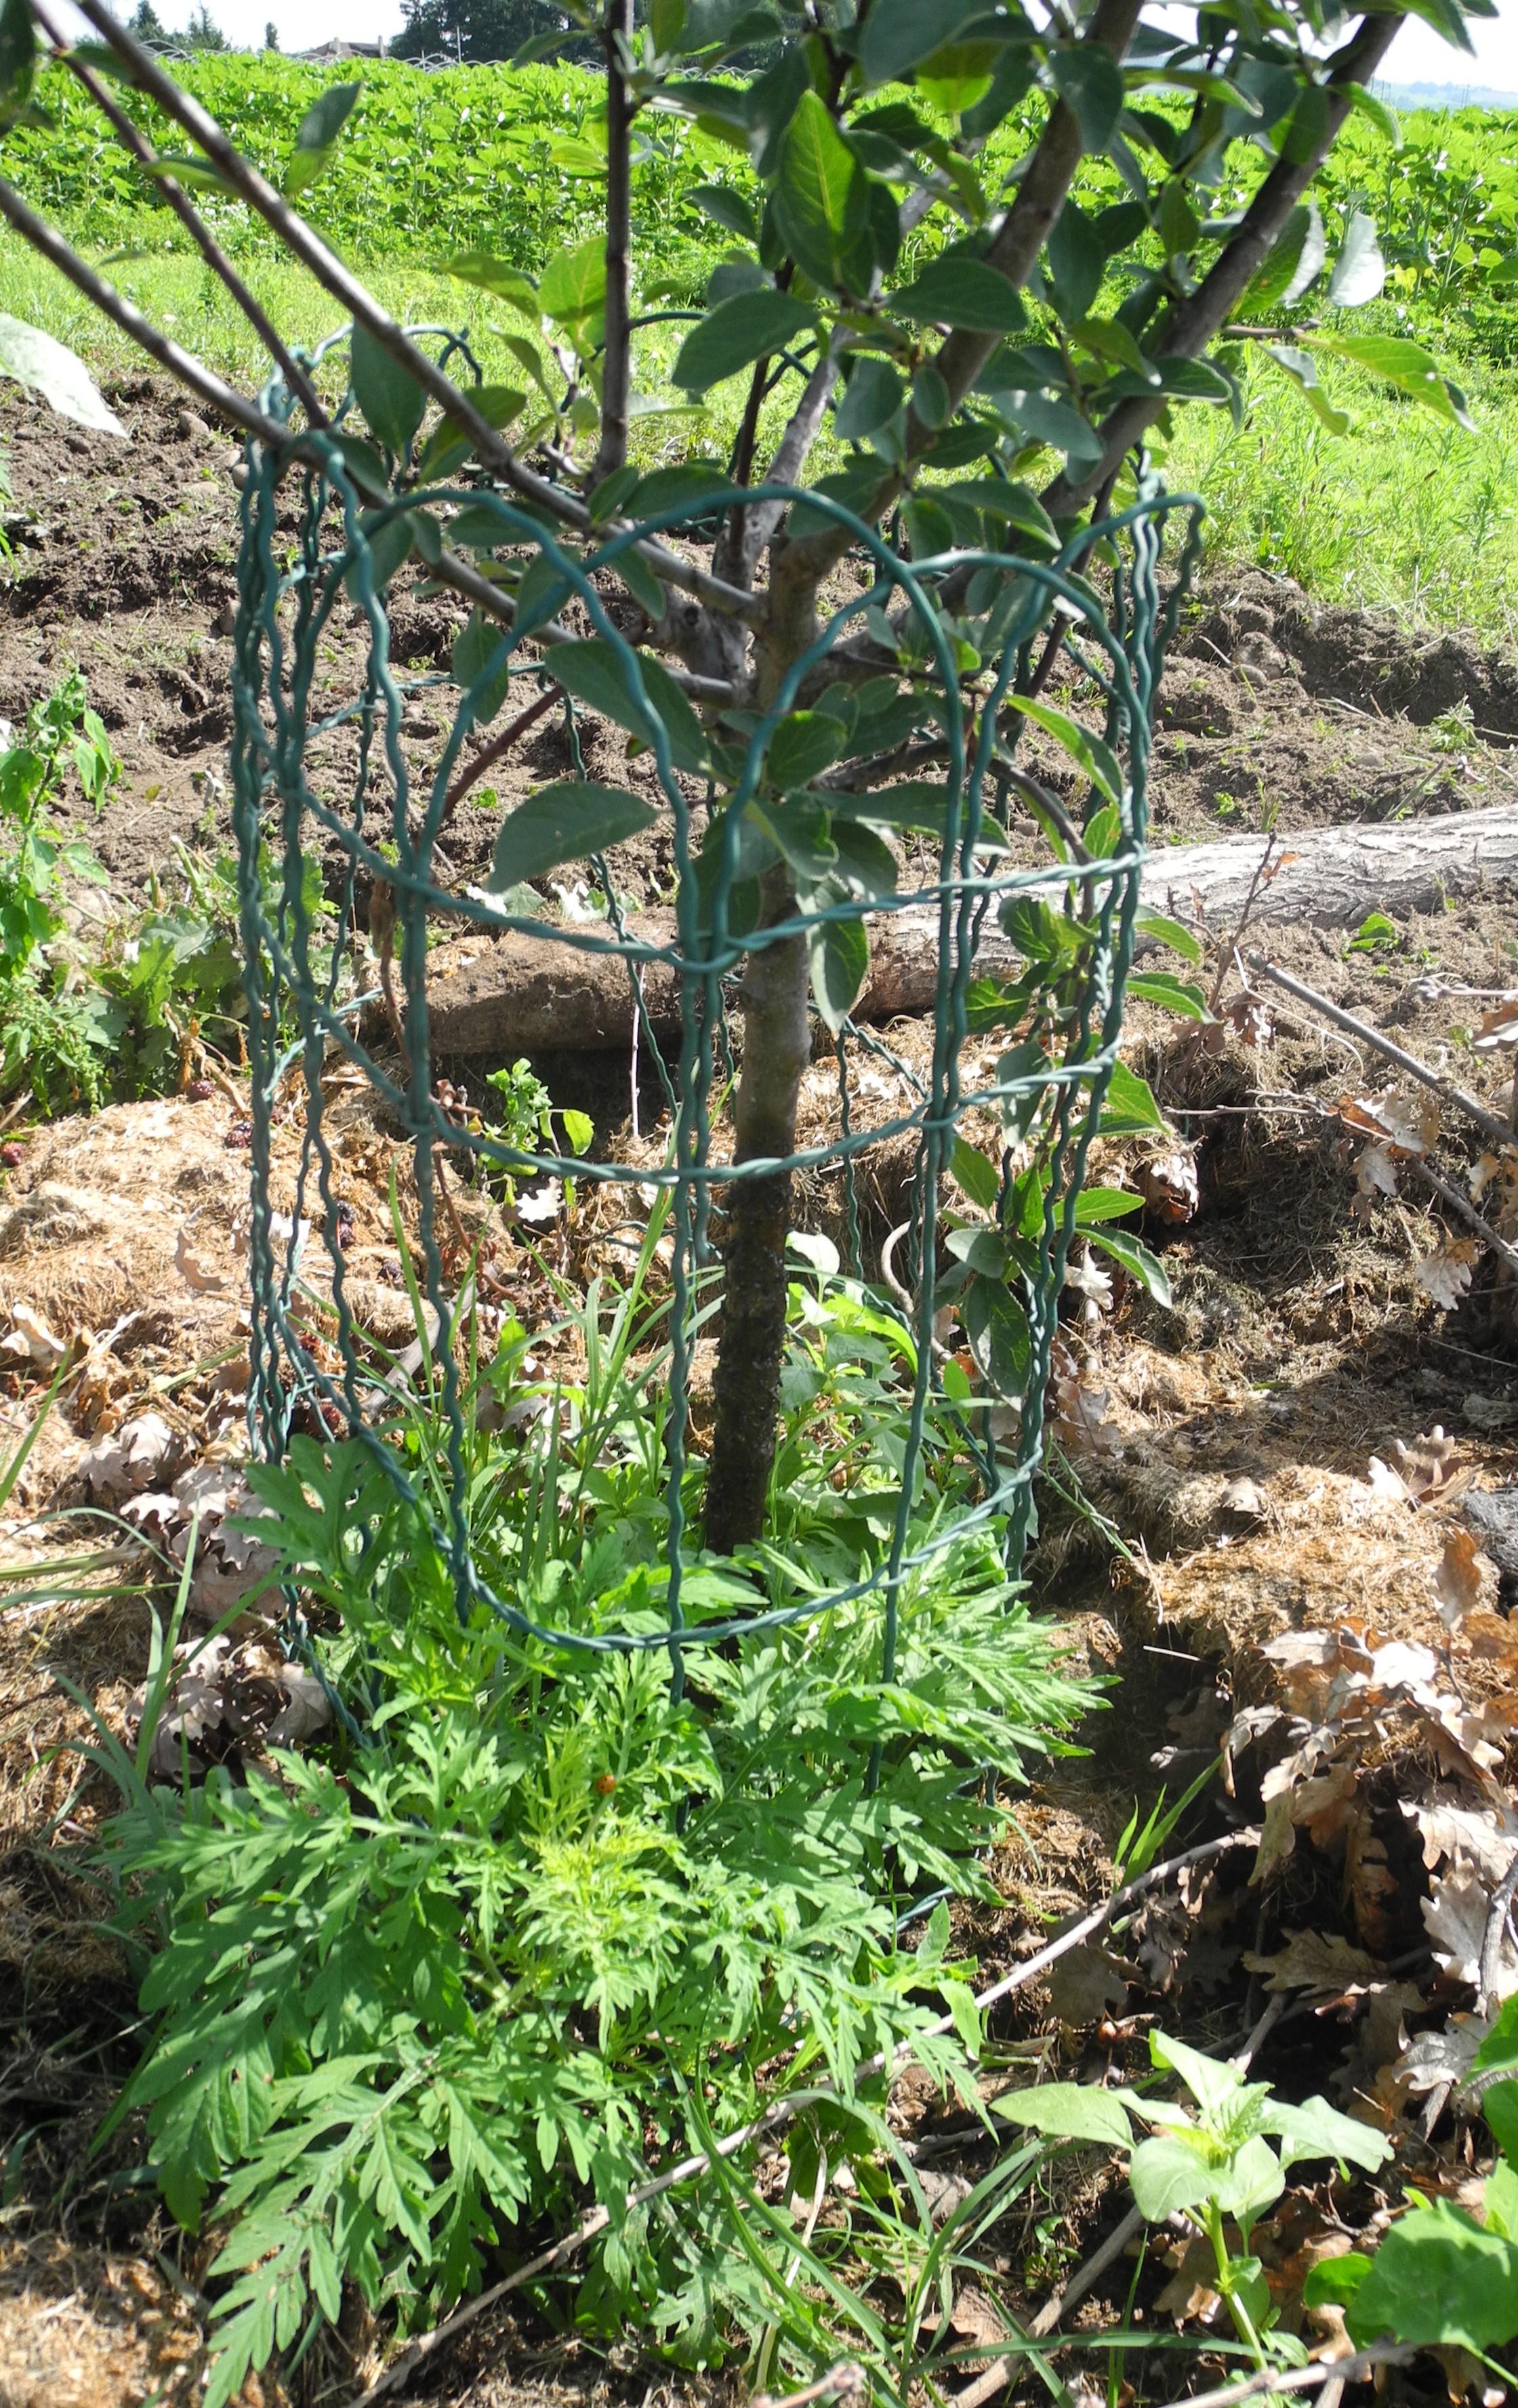 Comment Planter Un Arbre Fruitier planter un mirabellier - jardiner avec jean-paul